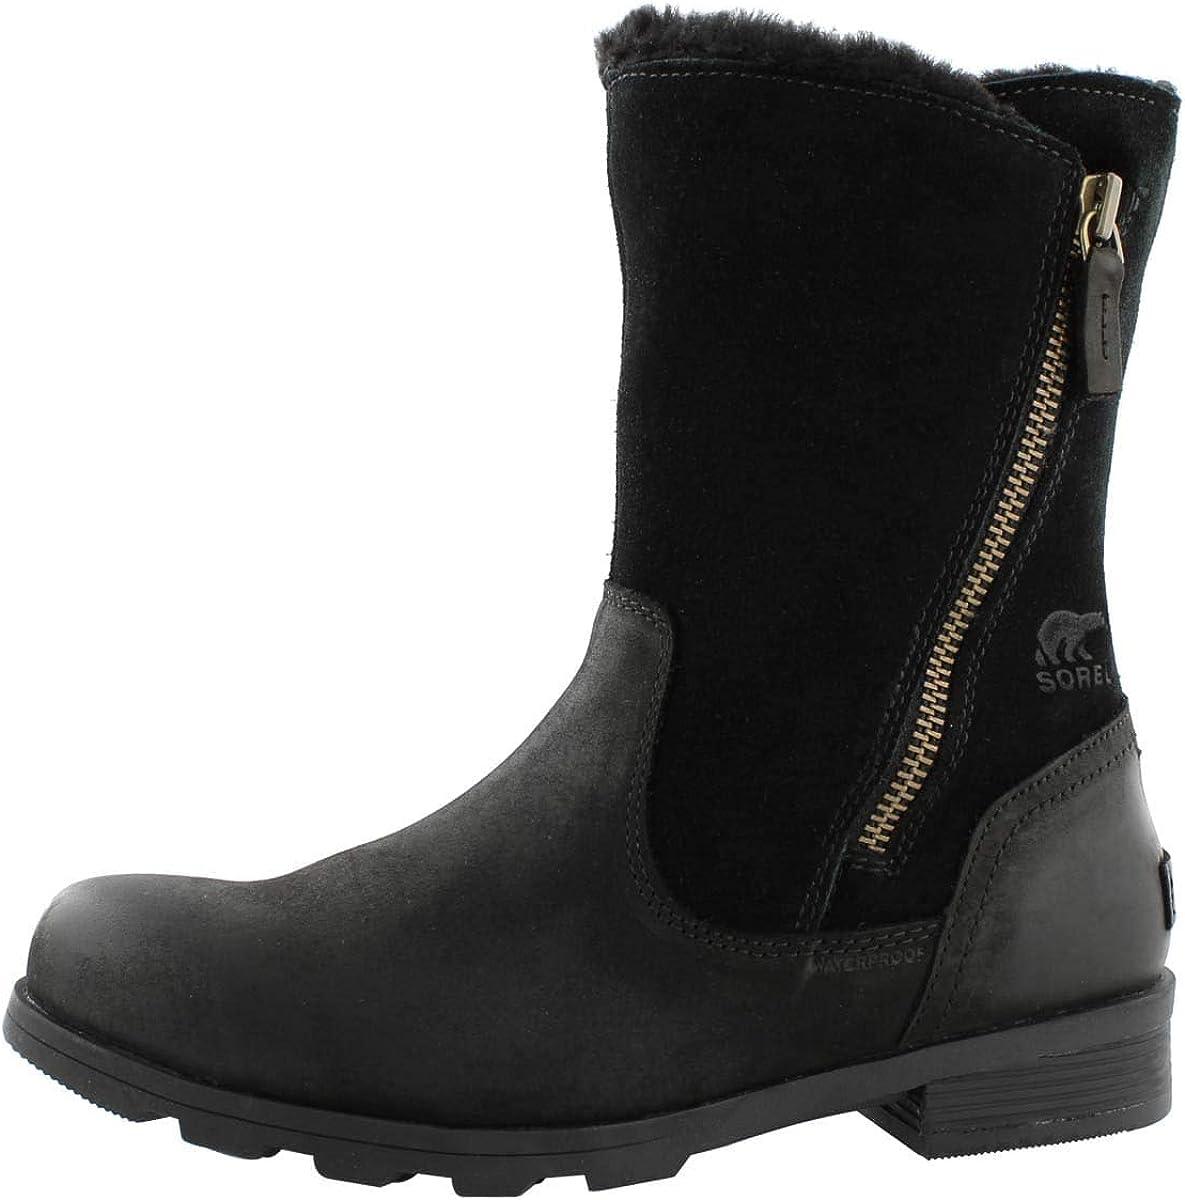 Sorel Womens Emelie Foldover Boot